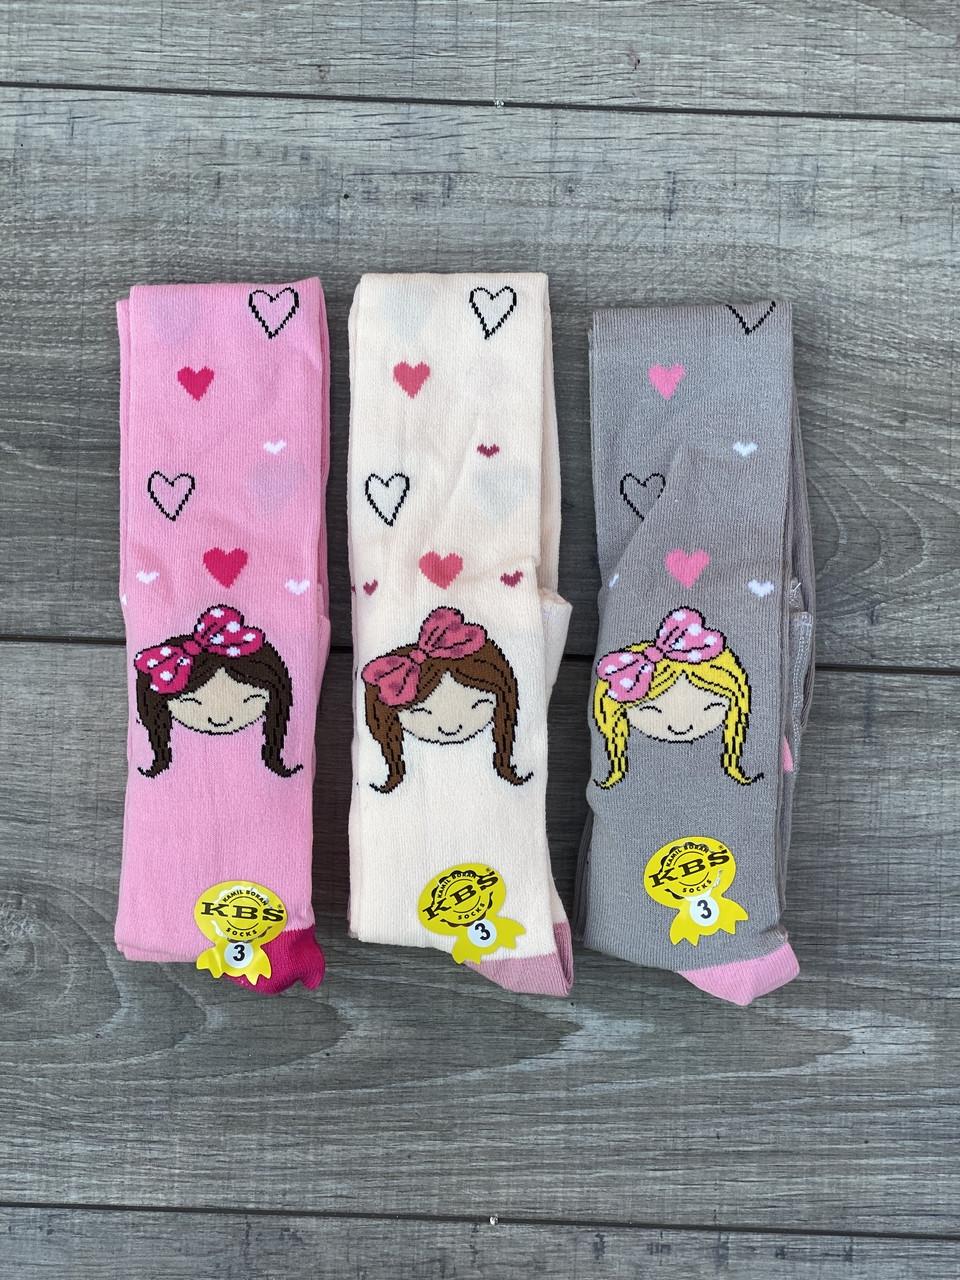 Детские колготы хлопок KBS принцесса для девочек 6 шт. в уп. микс 3х цветов